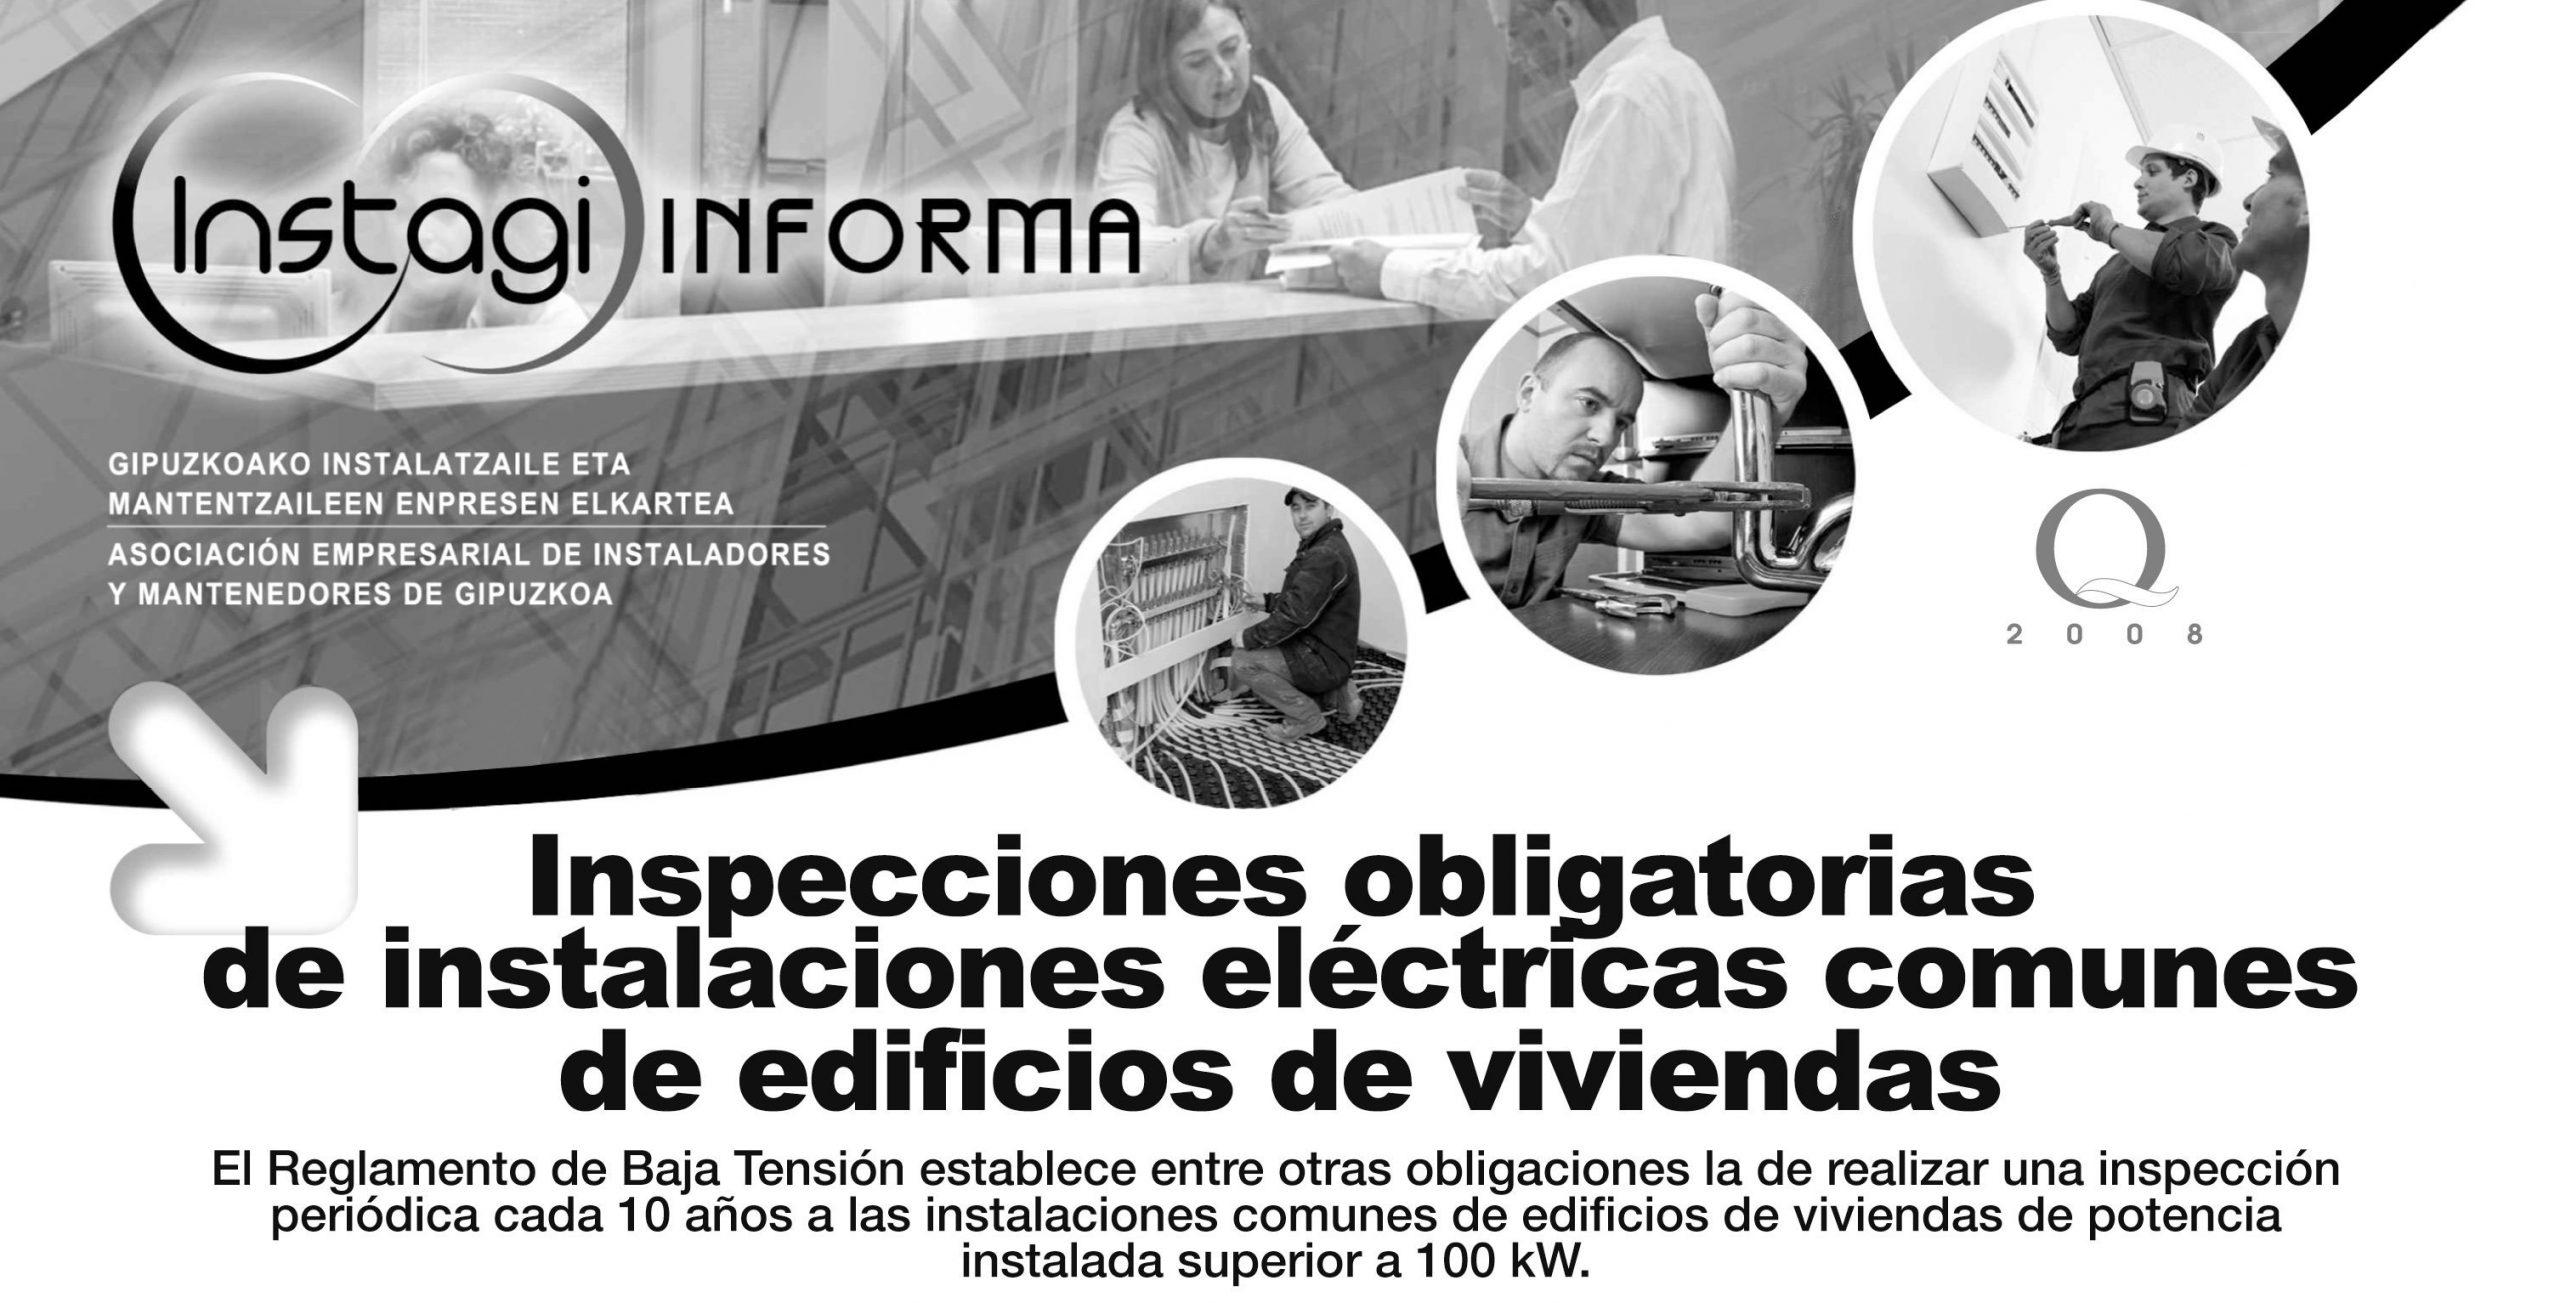 Inspecciones Obligatorias de Instalaciones Eléctricas Comunes